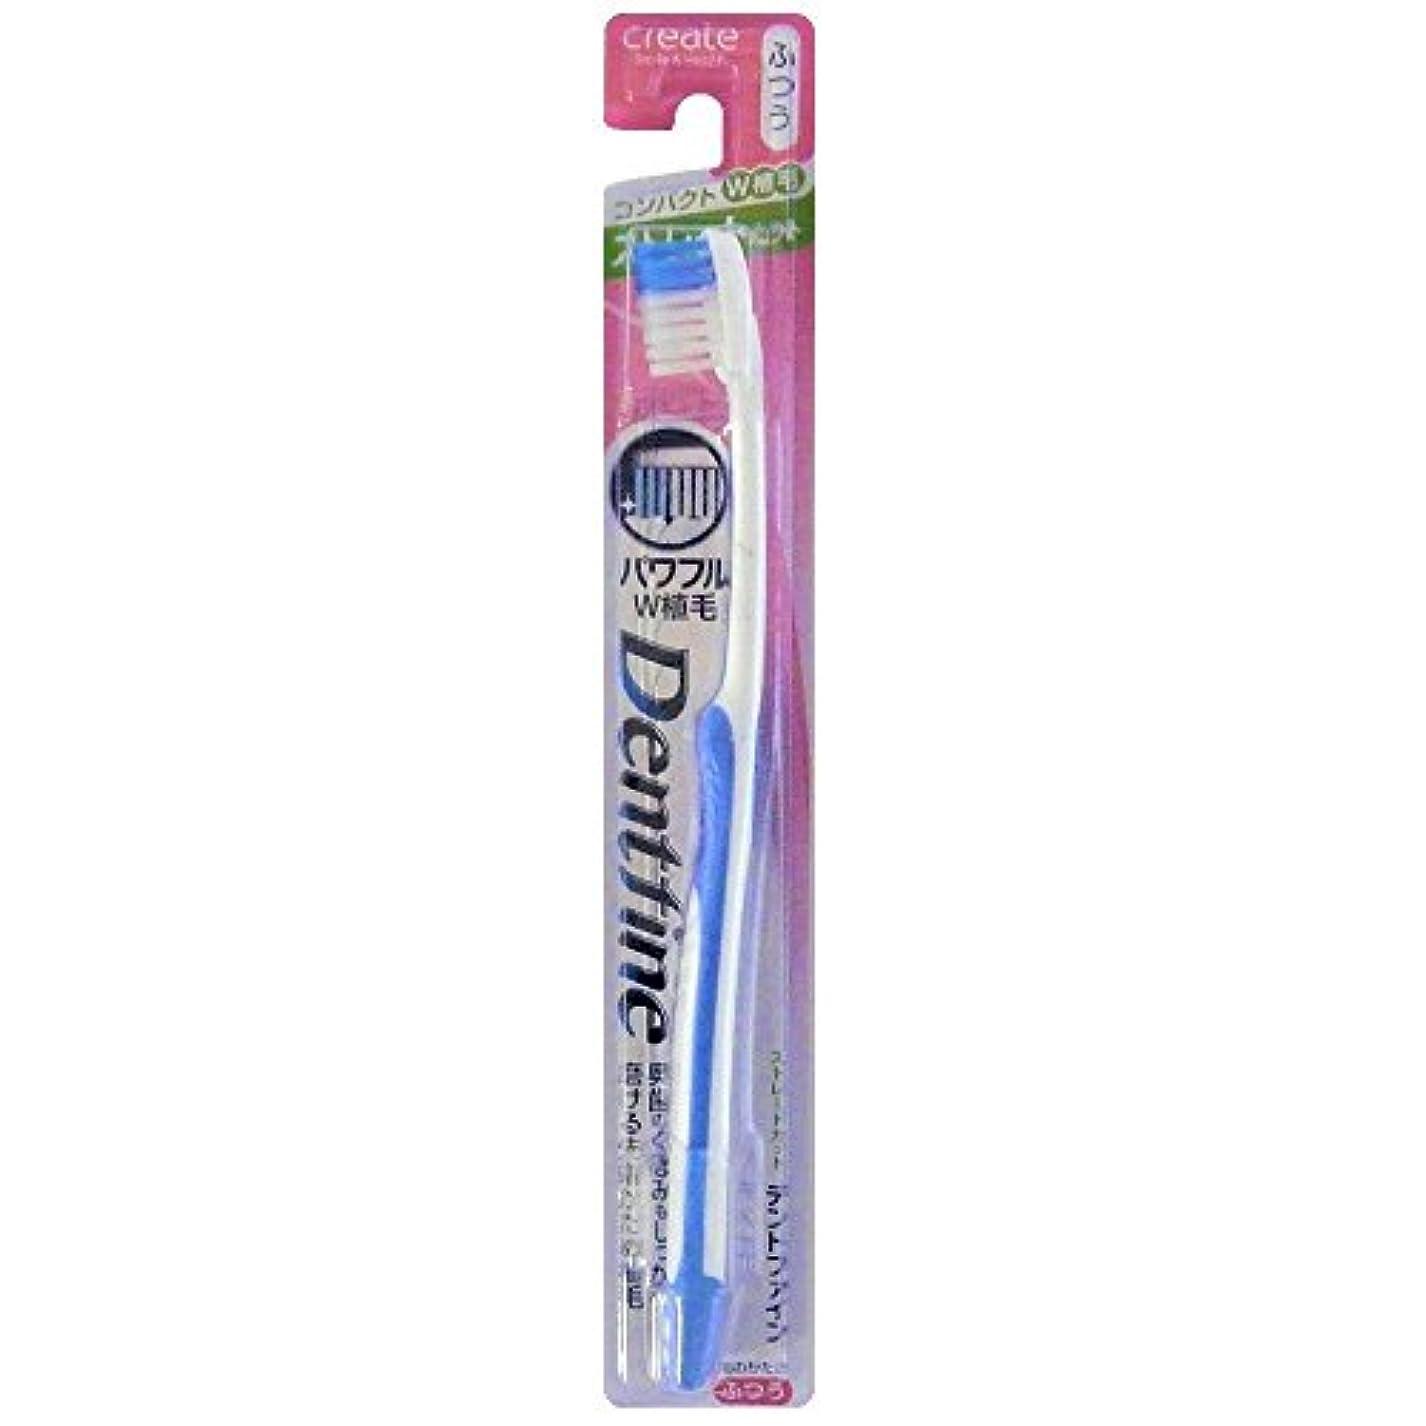 ブロック放つ調和のとれたデントファイン ラバーグリップ ストレートカット 歯ブラシ ふつう 1本:ブルー